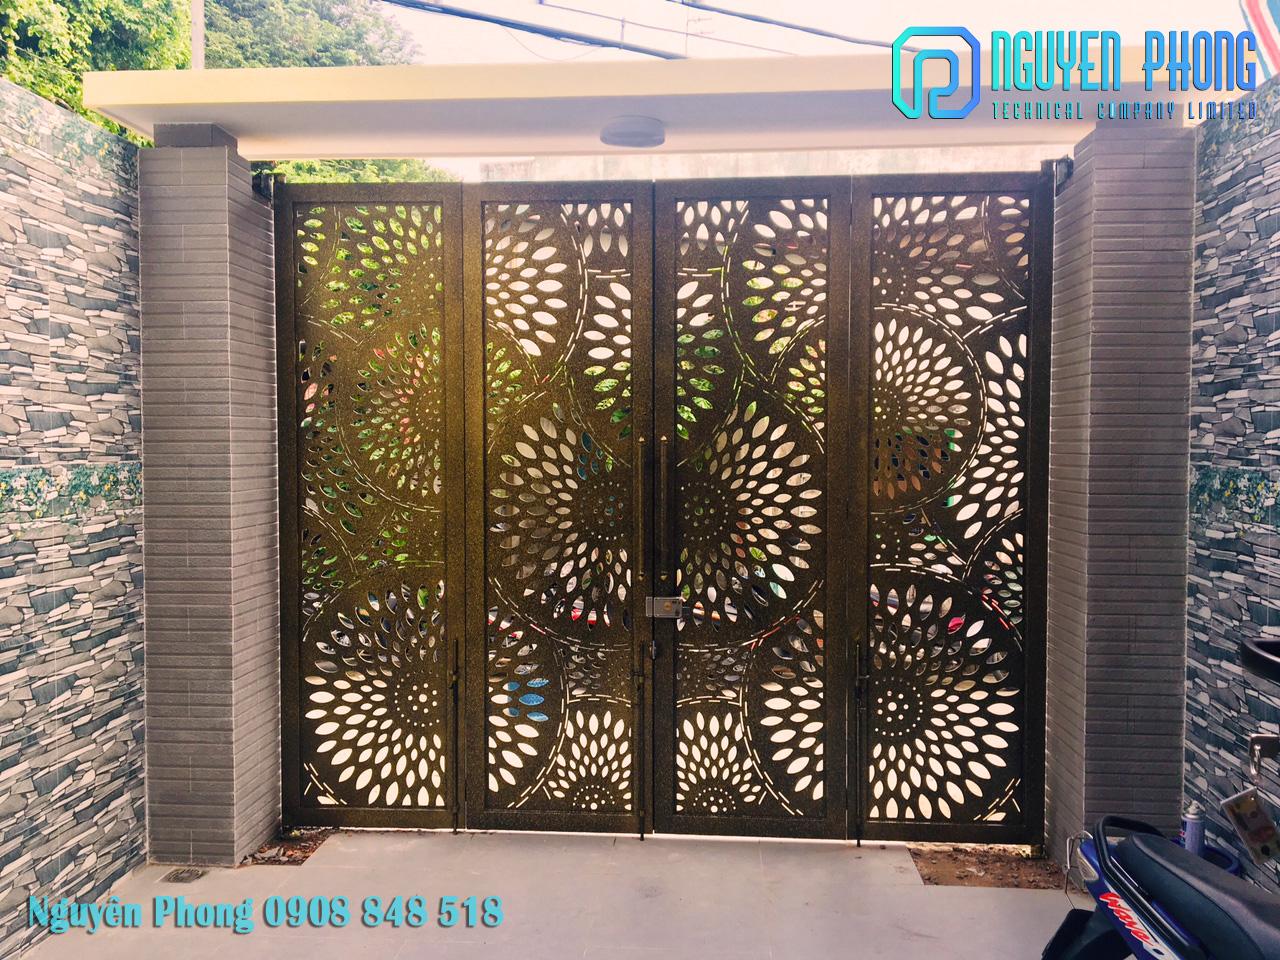 Thiết kế, gia công cổng sắt cắt CNC hoa văn thiết kế theo yêu cầu HCM, Bình Phước, Bình Dương